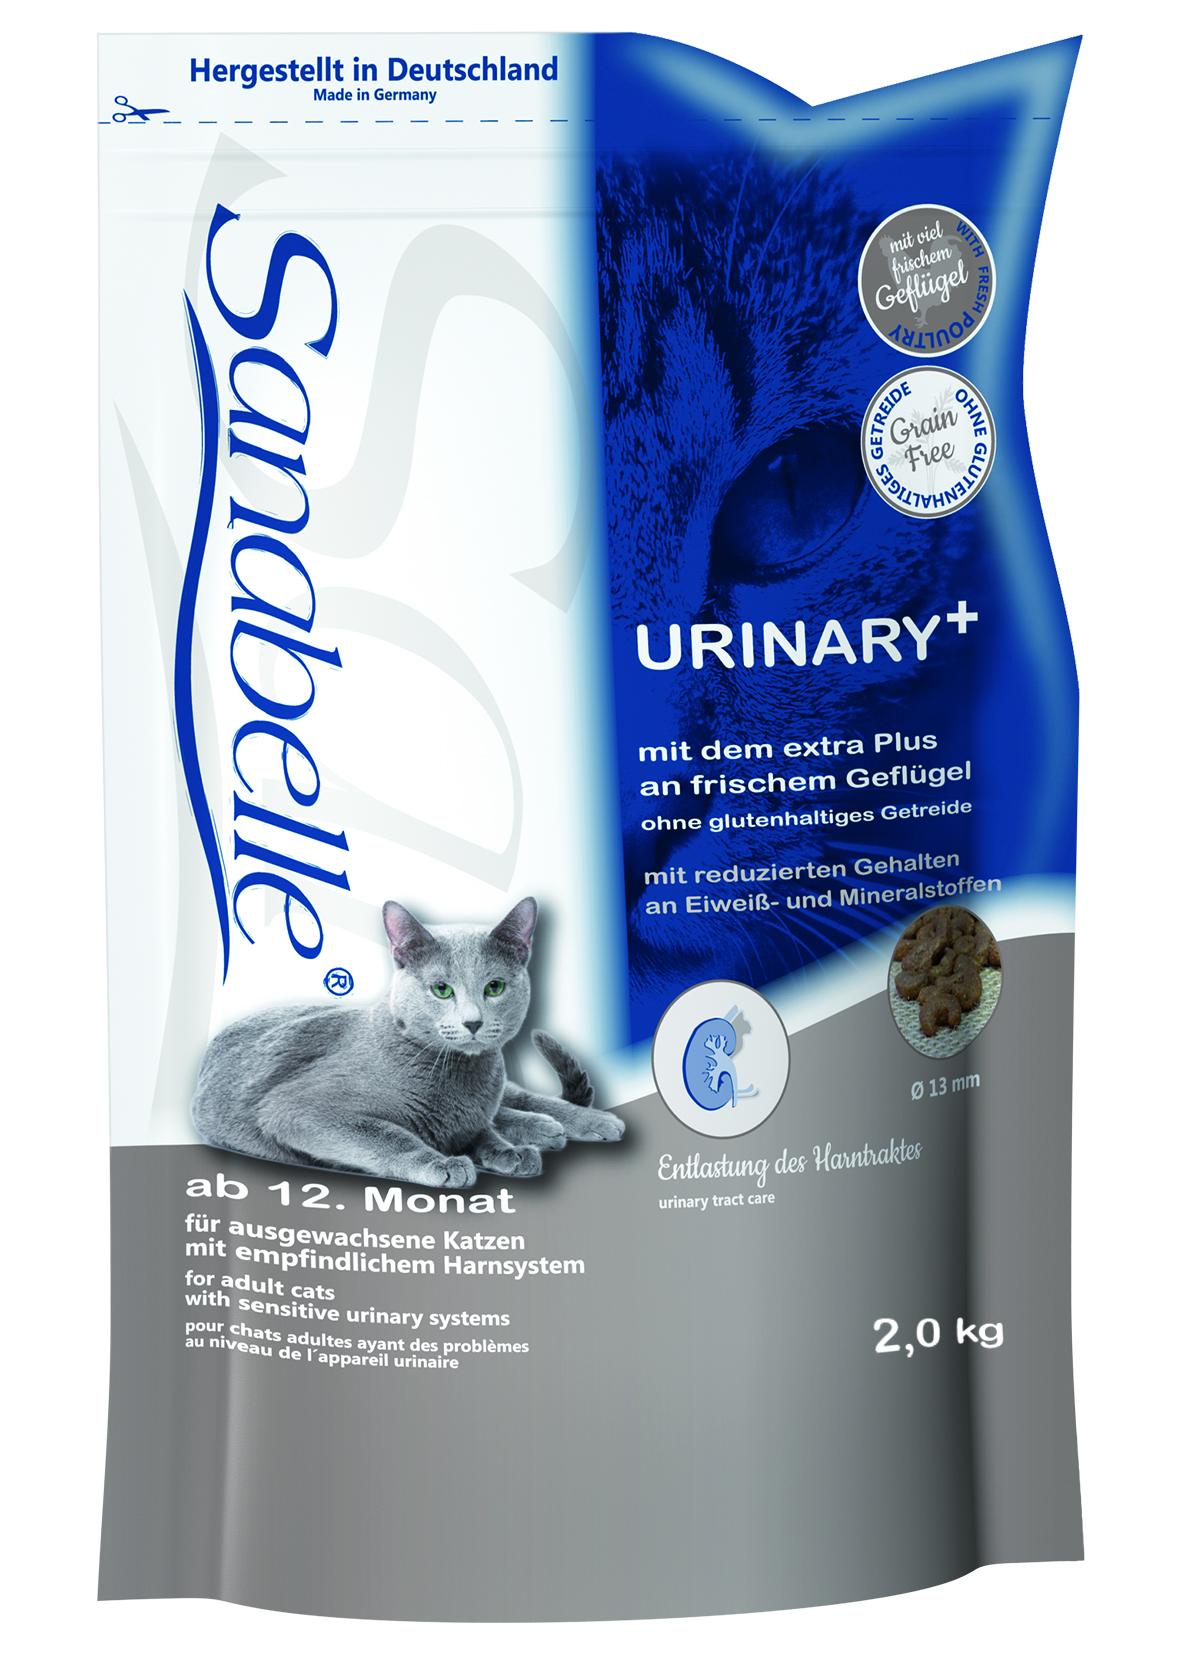 Корм сухой Sanabelle Urinary для кошек с чувствительной мочеполовой системой, 2 кг57840Полностью сбалансированный высококачественный сухой корм для взрослых кошек с чувствительной мочеполовой системой. Ингредиенты: свежее мясо домашней птицы (мин. 20%), рис, животный жир, мука из свежего мяса, жировая клетчатка (дегидратированная), печень, гидролизованный протеин, свекольная пульпа (без сахара), клетчатка, льняное семя, рыбий жир, дрожжи, карбонат кальция, хлорид калия, клюква, черника, мука из мидий, цикориевая пудра, сушеные цветки бархатцев, экстракт юкки. Состав: протеин 24,5%, содержание жира 21,5%, клетчатка 4,5%, минеральные вещества 4,4%, магний 0,05%, влажность 10,0%. Экстрактивные вещества, не содержащие азот 35,1%. Основные добавки: Пищевые добавки на 1 кг корма: Витамин А 25.000 МЕ, Витамин Д3 1.500 МЕ, Витамин Е 600 мг, таурин 2.000 мг, медь (в форме сульфата меди (2), пентагидрат) 10 мг, цинк (в форме окиси цинка) 30 мг, цинк (в аминокислотной хелатной форме, гидрат) 70 мг, йод (в форме йодида кальция, безводный) 2 мг, селен (в форме...